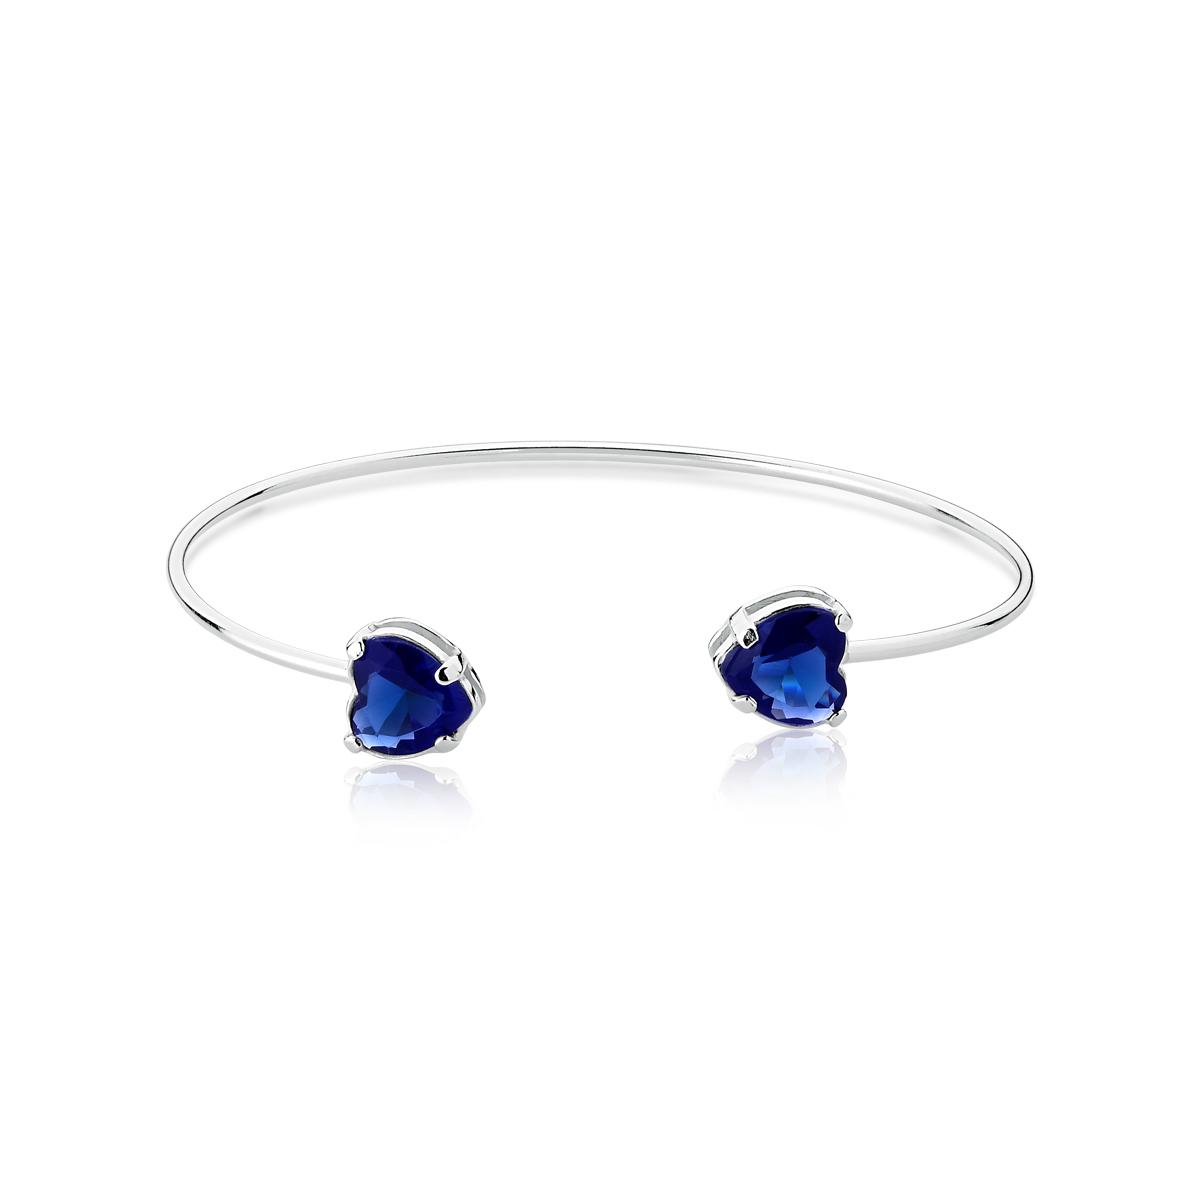 Bracelete Coração Pedra Azul